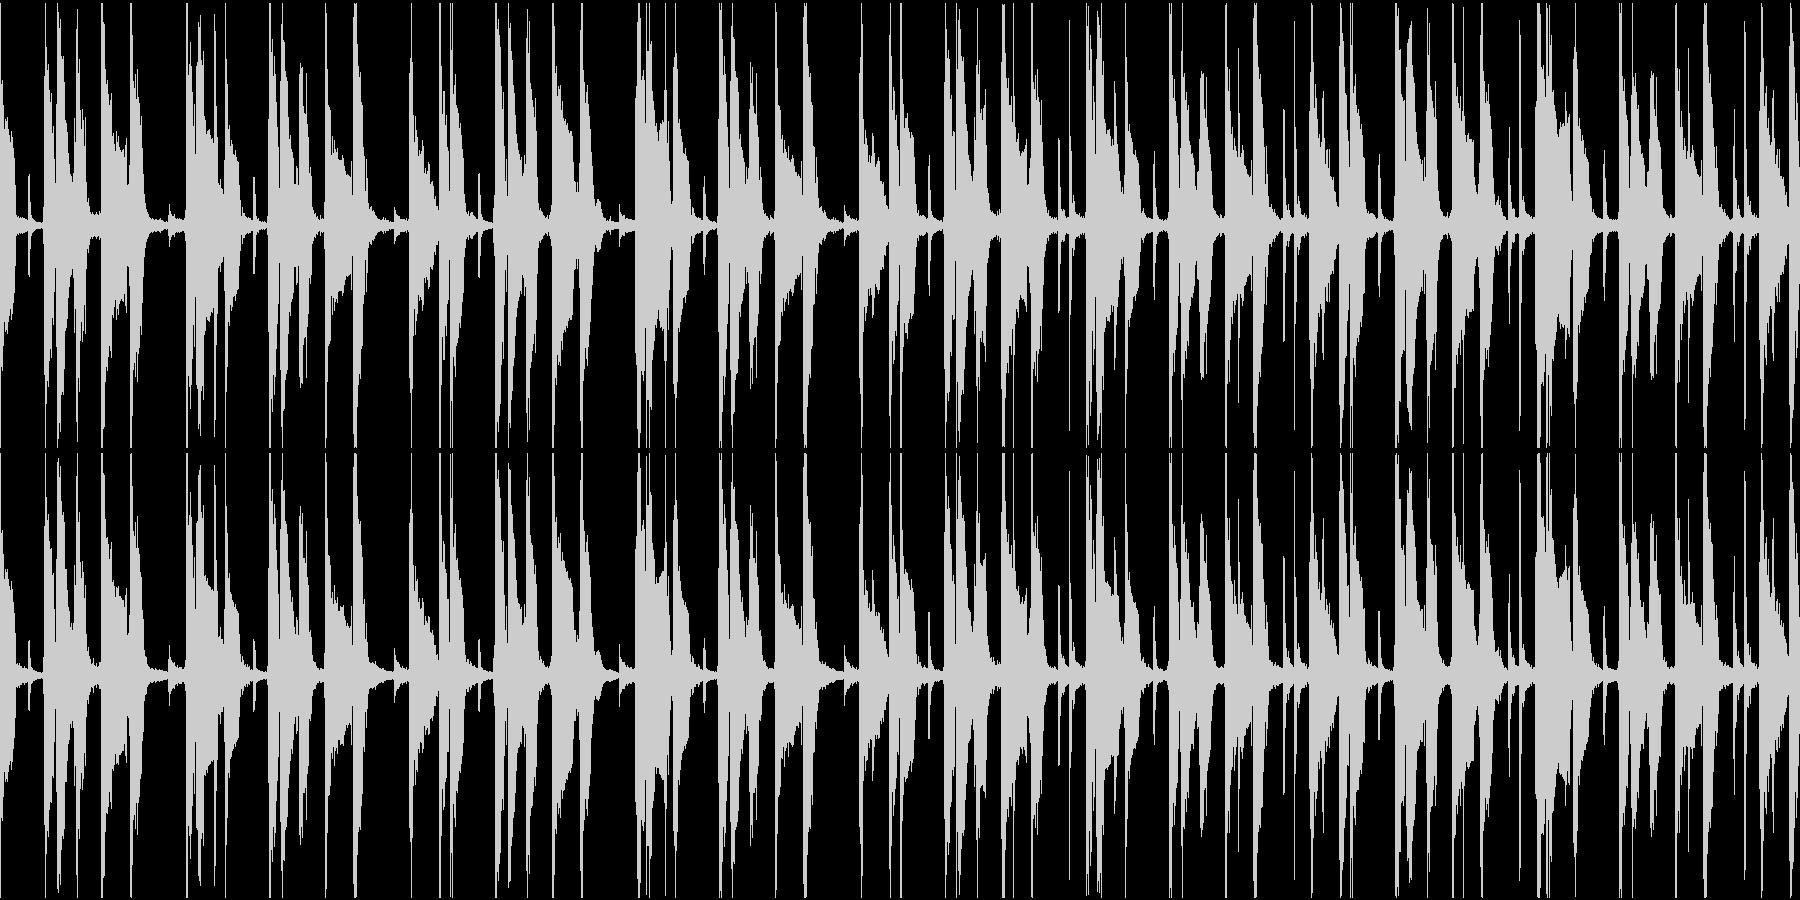 忍び寄るようなコミカルで怪しい曲の未再生の波形